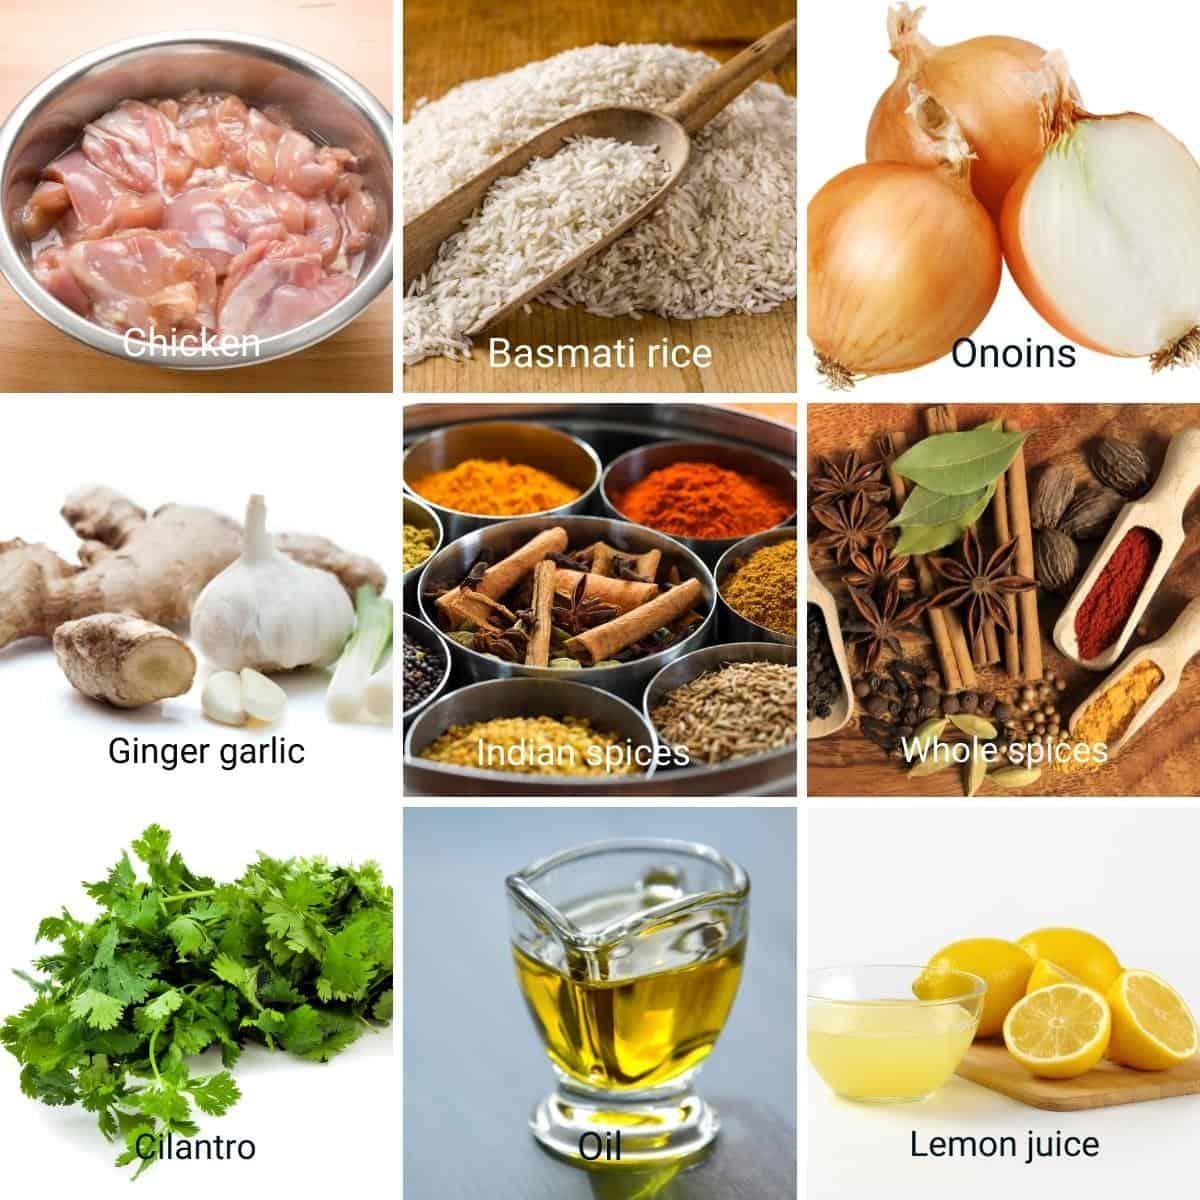 Ingredients collage for chicken biryani.